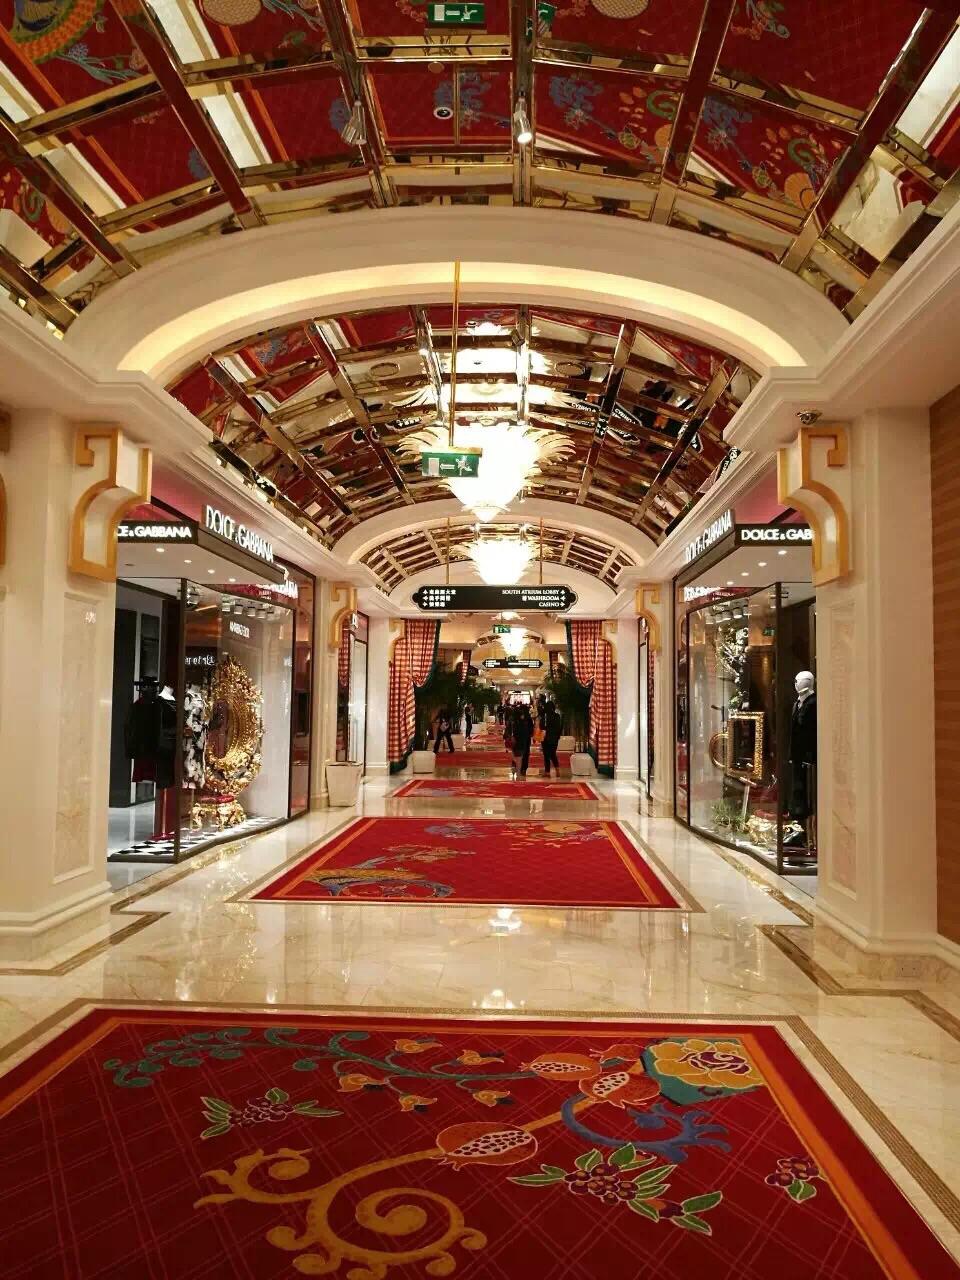 澳门永利皇宫酒店(wynn palace)